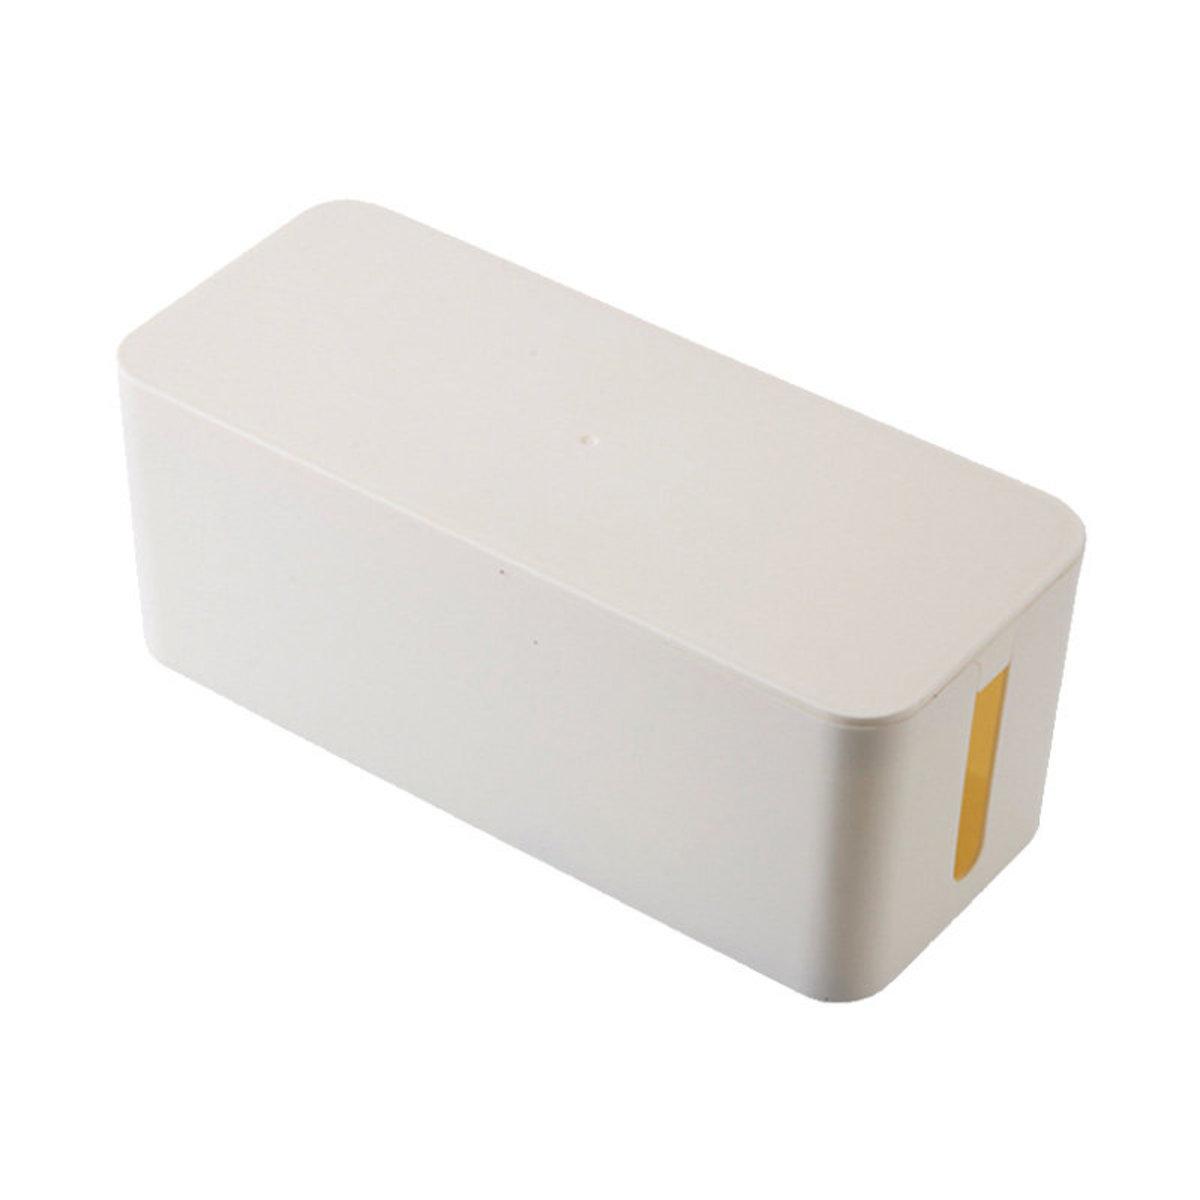 Wire storage box P11 - Small / White